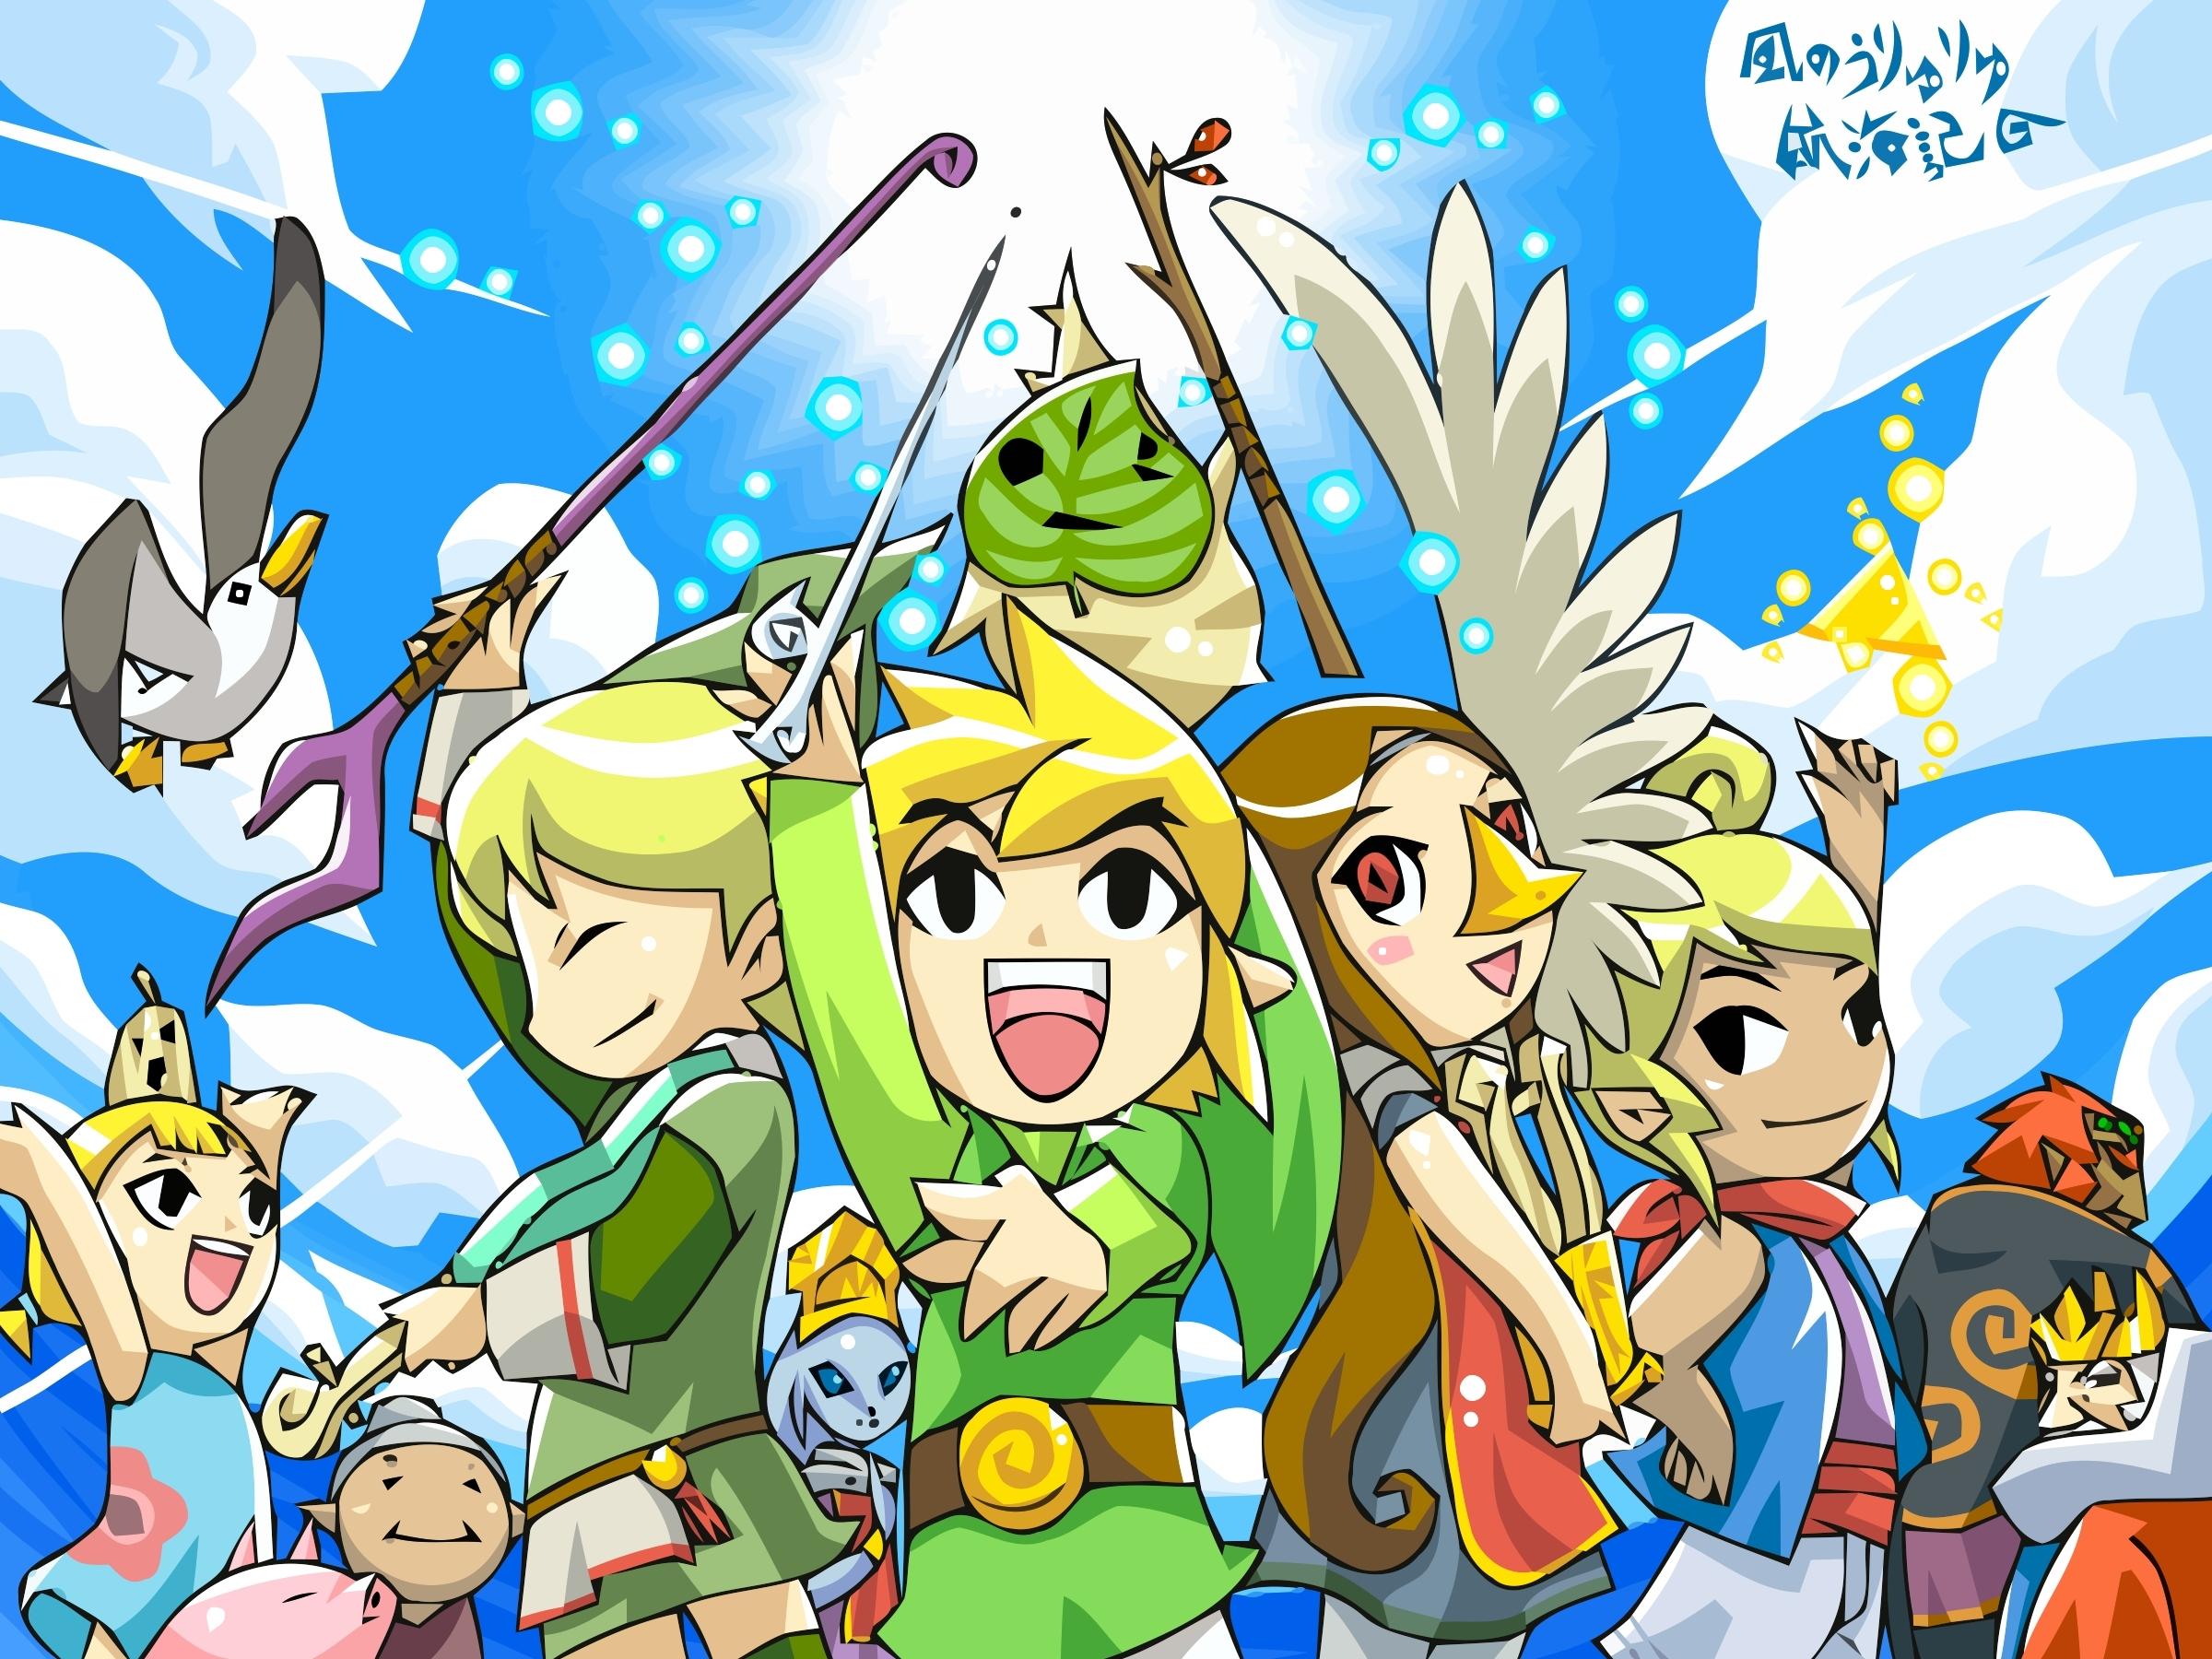 Wind Waker Hd Wallpaper: Zelda Xtreme